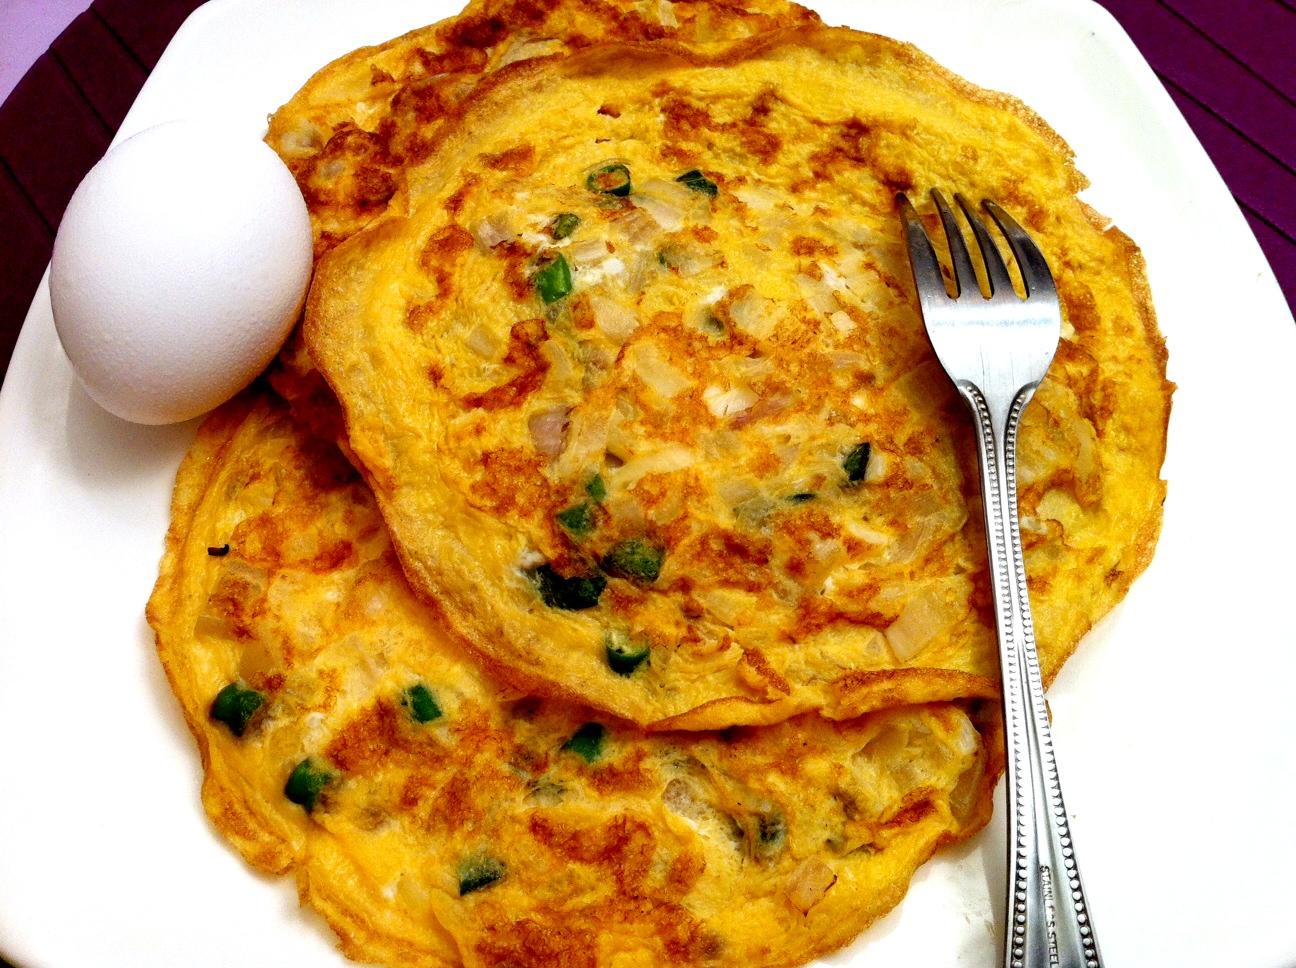 ... omelette eat masala omelette placed sandi indian omelet indian omelet